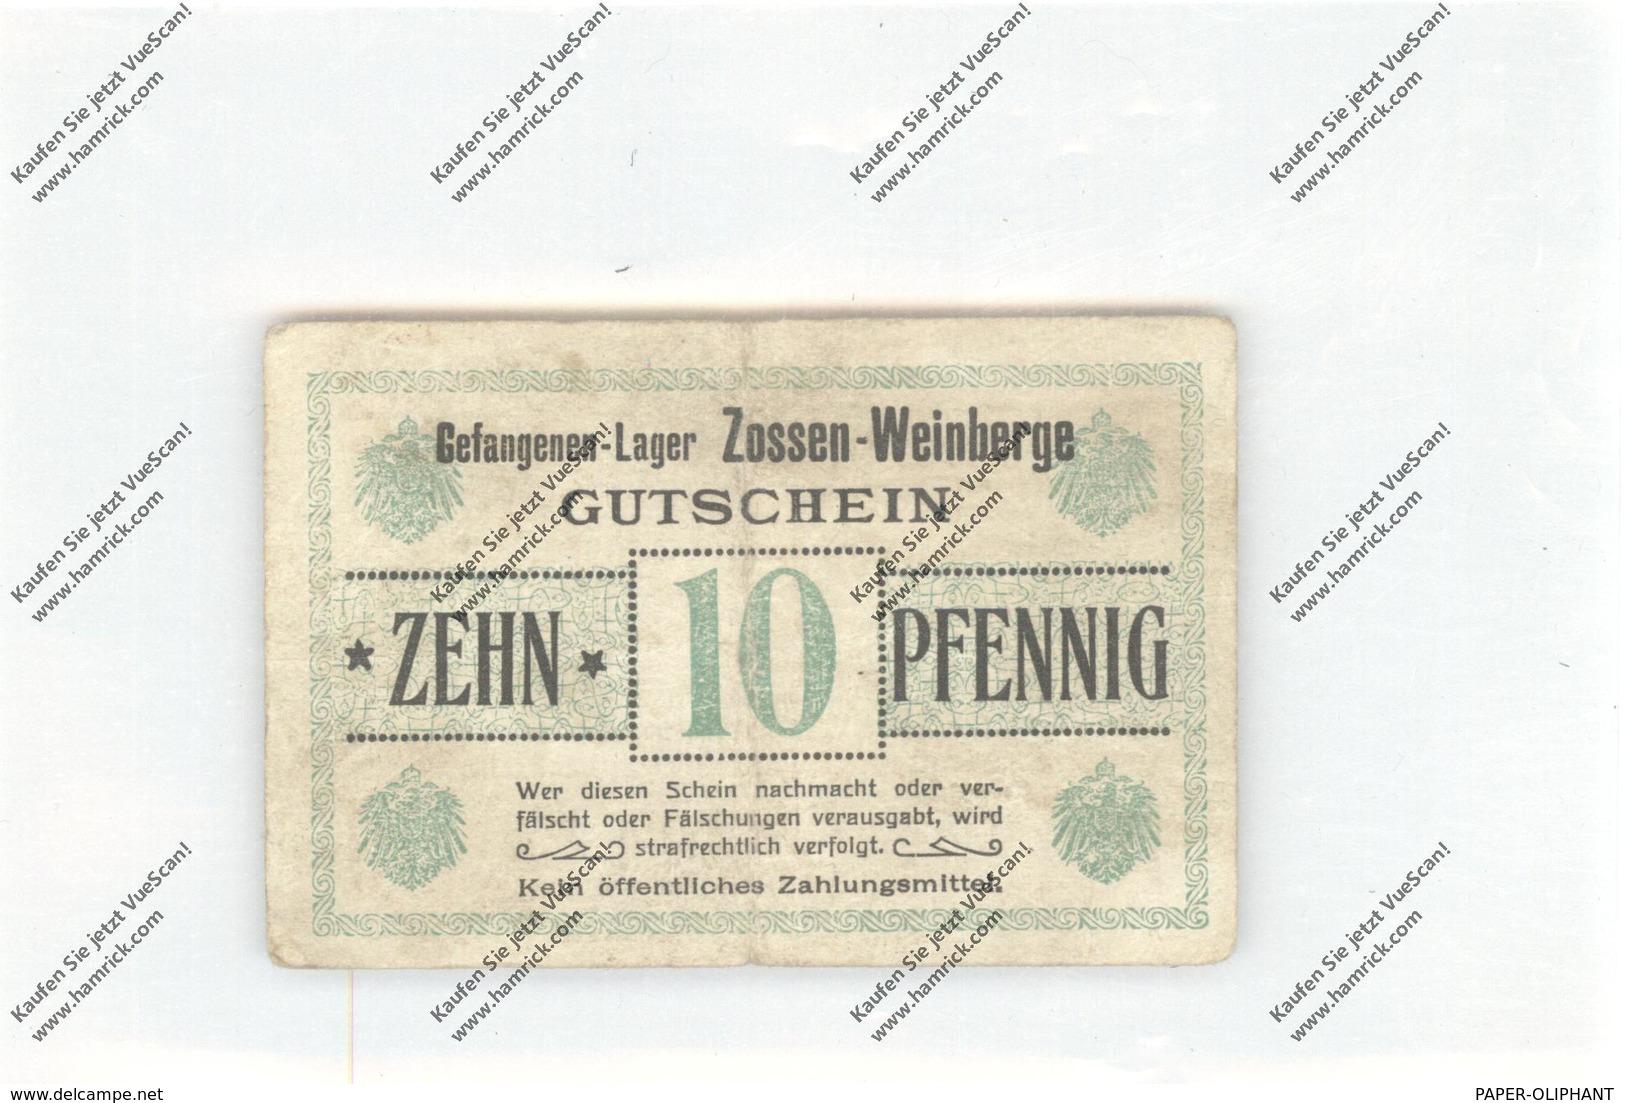 UNC GERMANY 5 Reichspfennig P-M33 1942